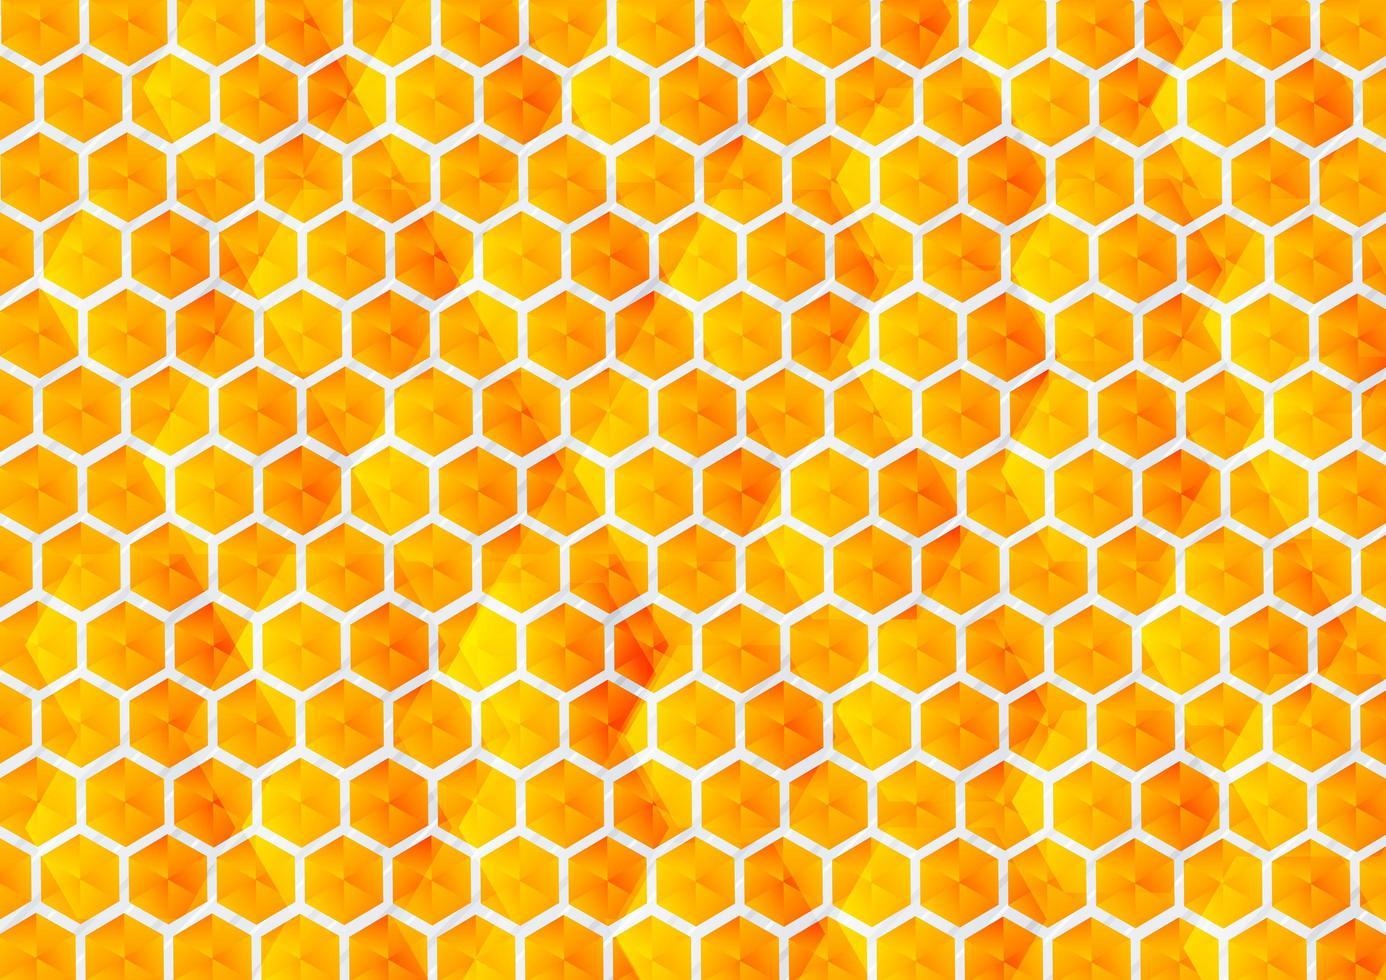 degradado abstracto amarillo y naranja, fondo hexagonal vector